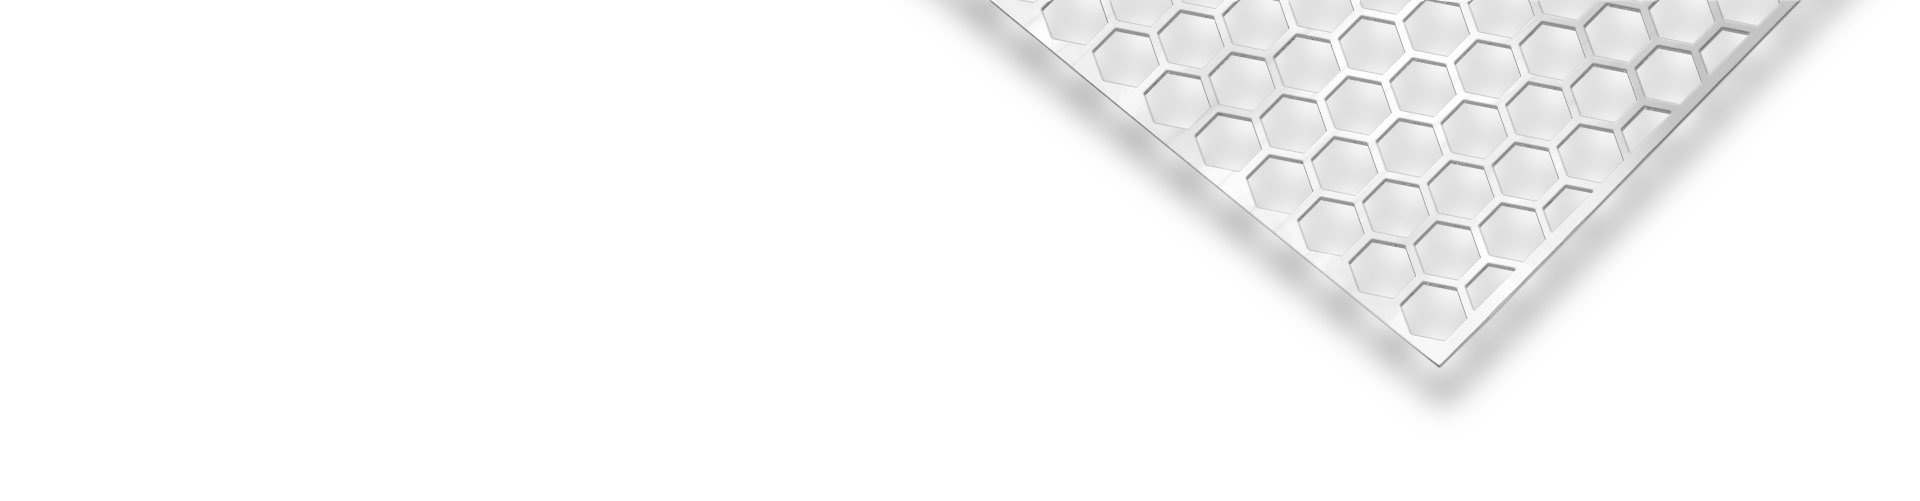 Lochbleche mit sechskantlöcher – perfolinea.de